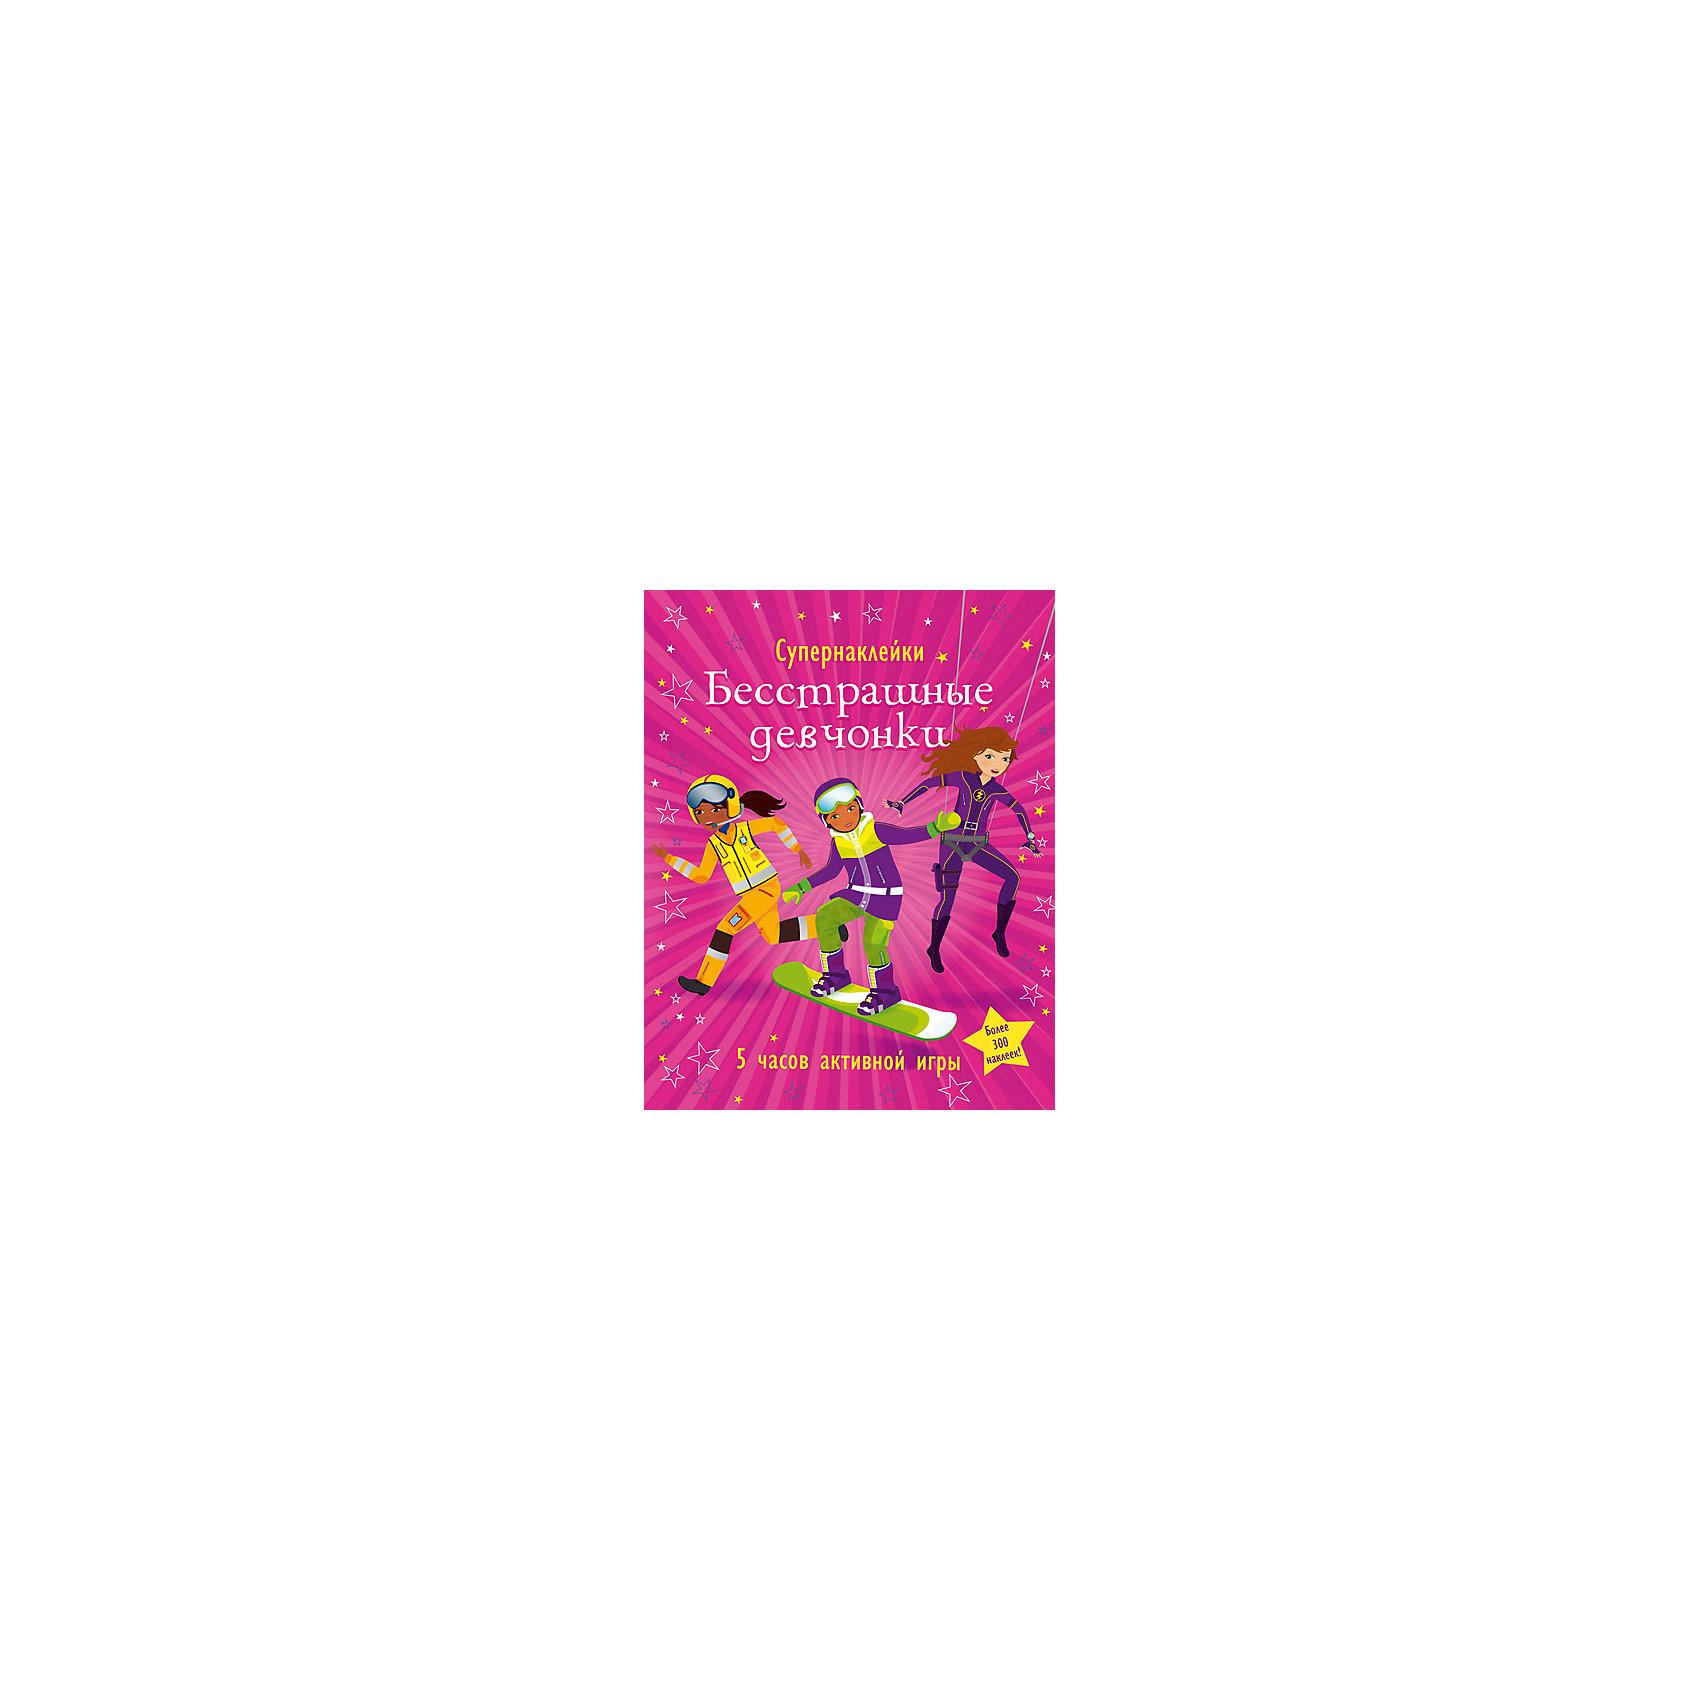 Бесстрашные девчонкиКнига может быть не только развлекательной, но и обучающей! На добрых историях и интересных книжках очень легко воспитывать детей. В них доступно объясняется - что хорошо, а что - плохо, даются понятия о базовых ценностях, дружбе, любви и порядочности.<br>Эта книга может стать отличным подарком ребенку. Это удобный формат, качественная бумага, прекрасные иллюстрации и захватывающие история о бесстрашных девочках. К книге прилагается набор наклеек, с помощью которых можно выполнять интересные задания. Издание поможет ребенку развить художественный вкус, навыки чтения, логику, внимательность и мелкую моторику. Книга произведена из качественных и безопасных для детей материалов.<br><br>Дополнительная информация:<br><br>страниц: 24;<br>наклейки - в наборе;<br>формат: 30 х 24 см.<br><br>Книгу Бесстрашные девчонки можно купить в нашем магазине.<br><br>Ширина мм: 305<br>Глубина мм: 240<br>Высота мм: 2<br>Вес г: 301<br>Возраст от месяцев: 60<br>Возраст до месяцев: 120<br>Пол: Женский<br>Возраст: Детский<br>SKU: 4975132